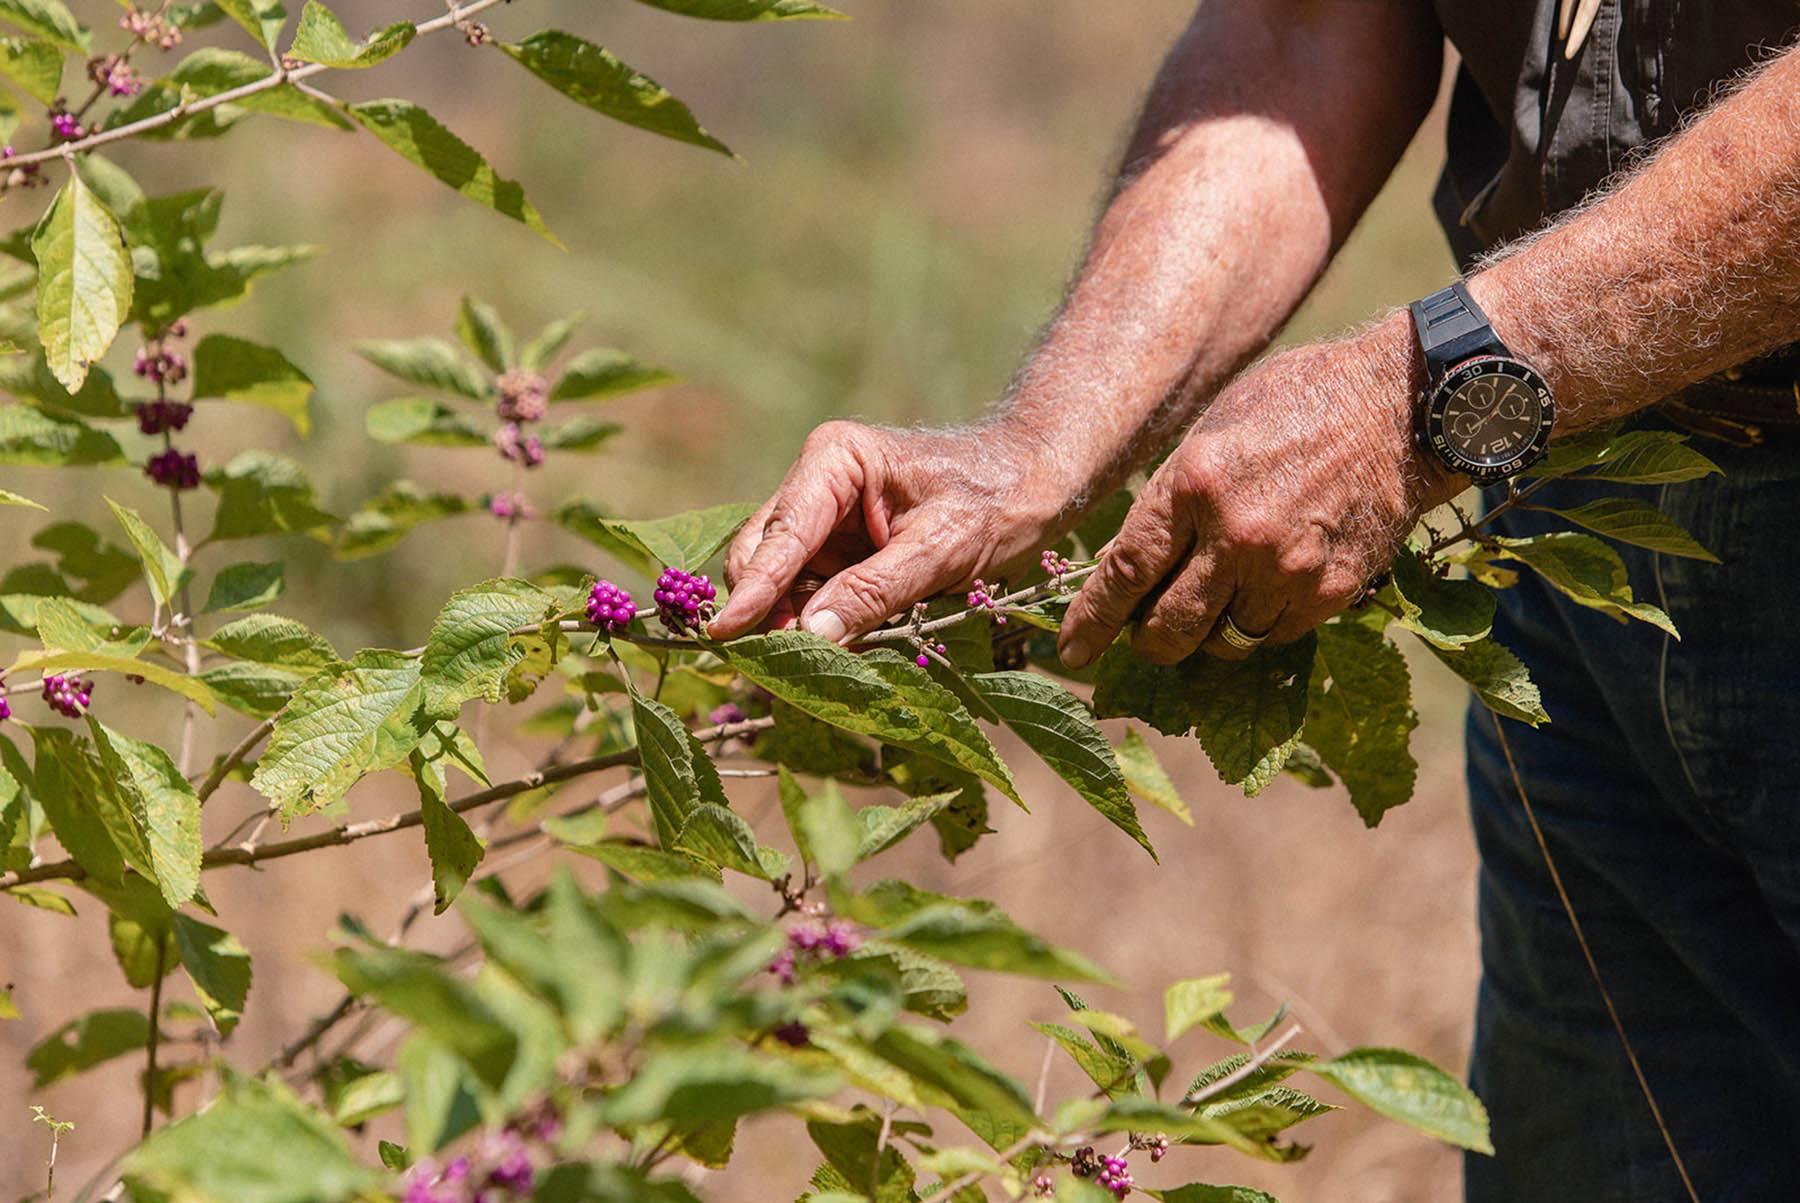 Wildtree | Summer berries on the vine that deer love